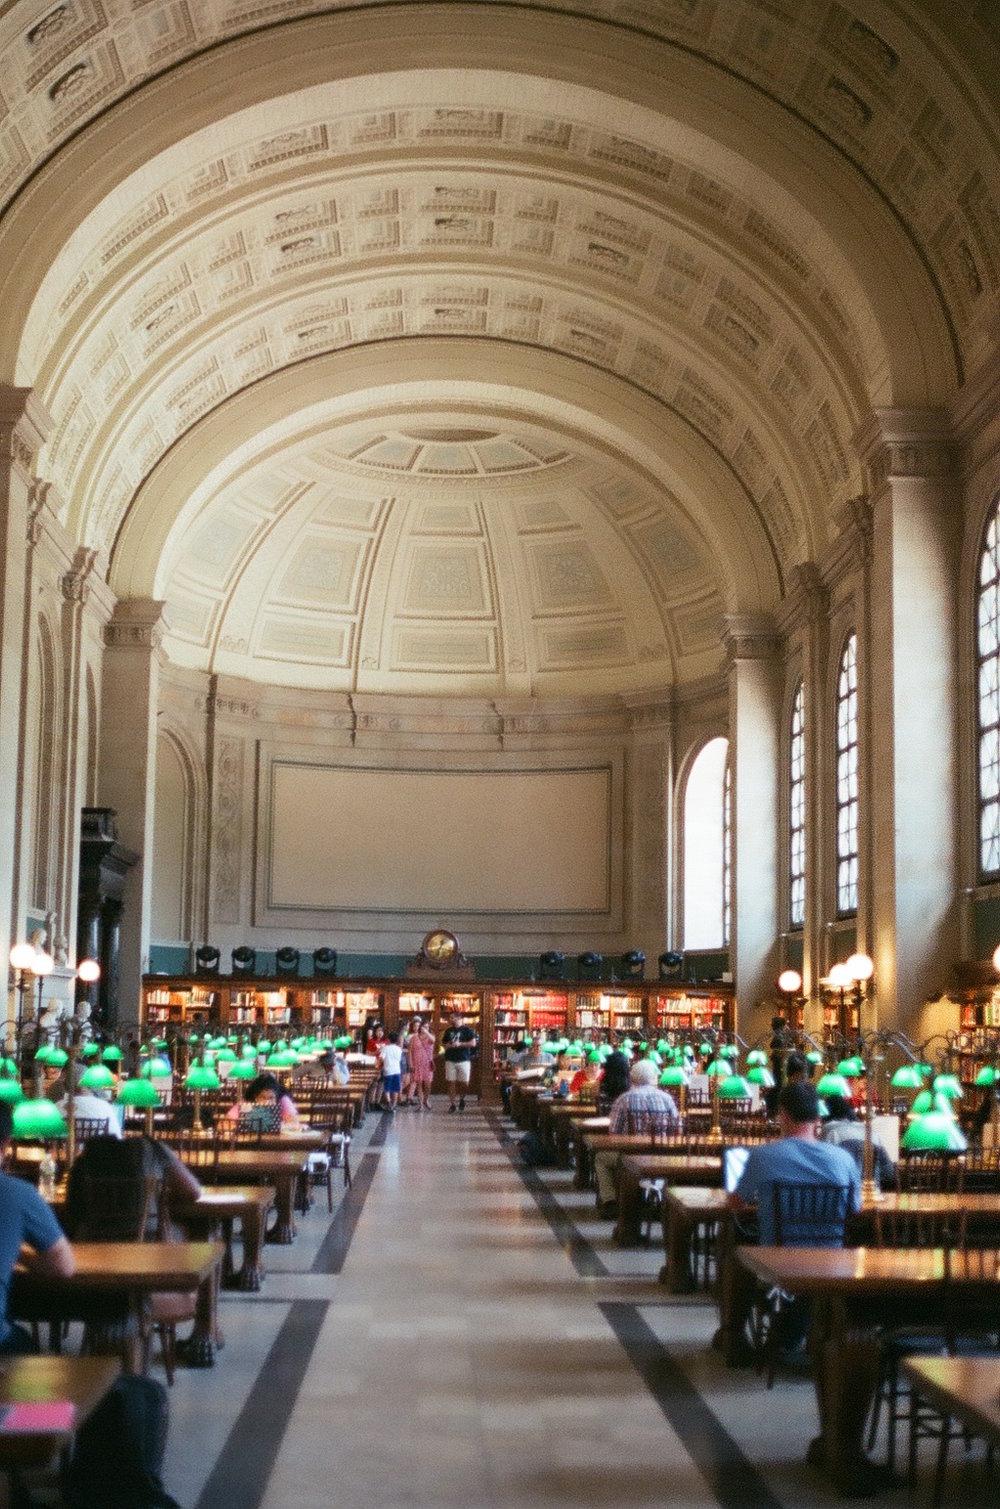 Boston Public Library, 2018.